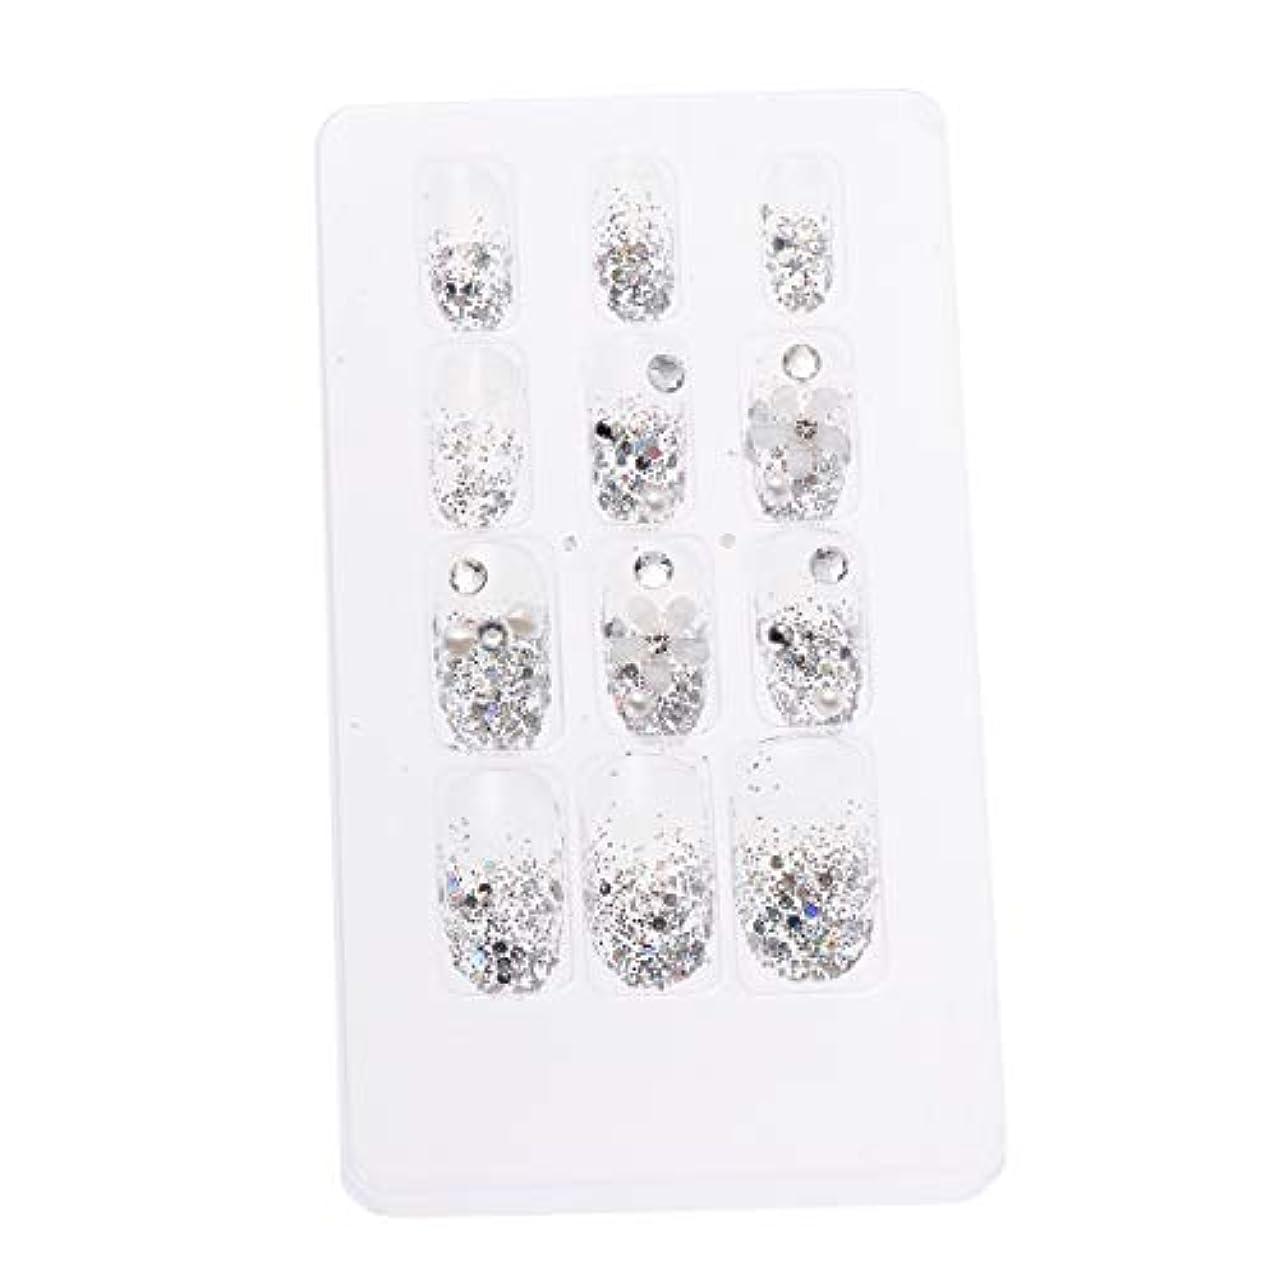 おそらく不愉快近代化LURROSE 24ピースネイルステッカー 人工ダイヤモンド装飾ネイルアート用ブライダル女性